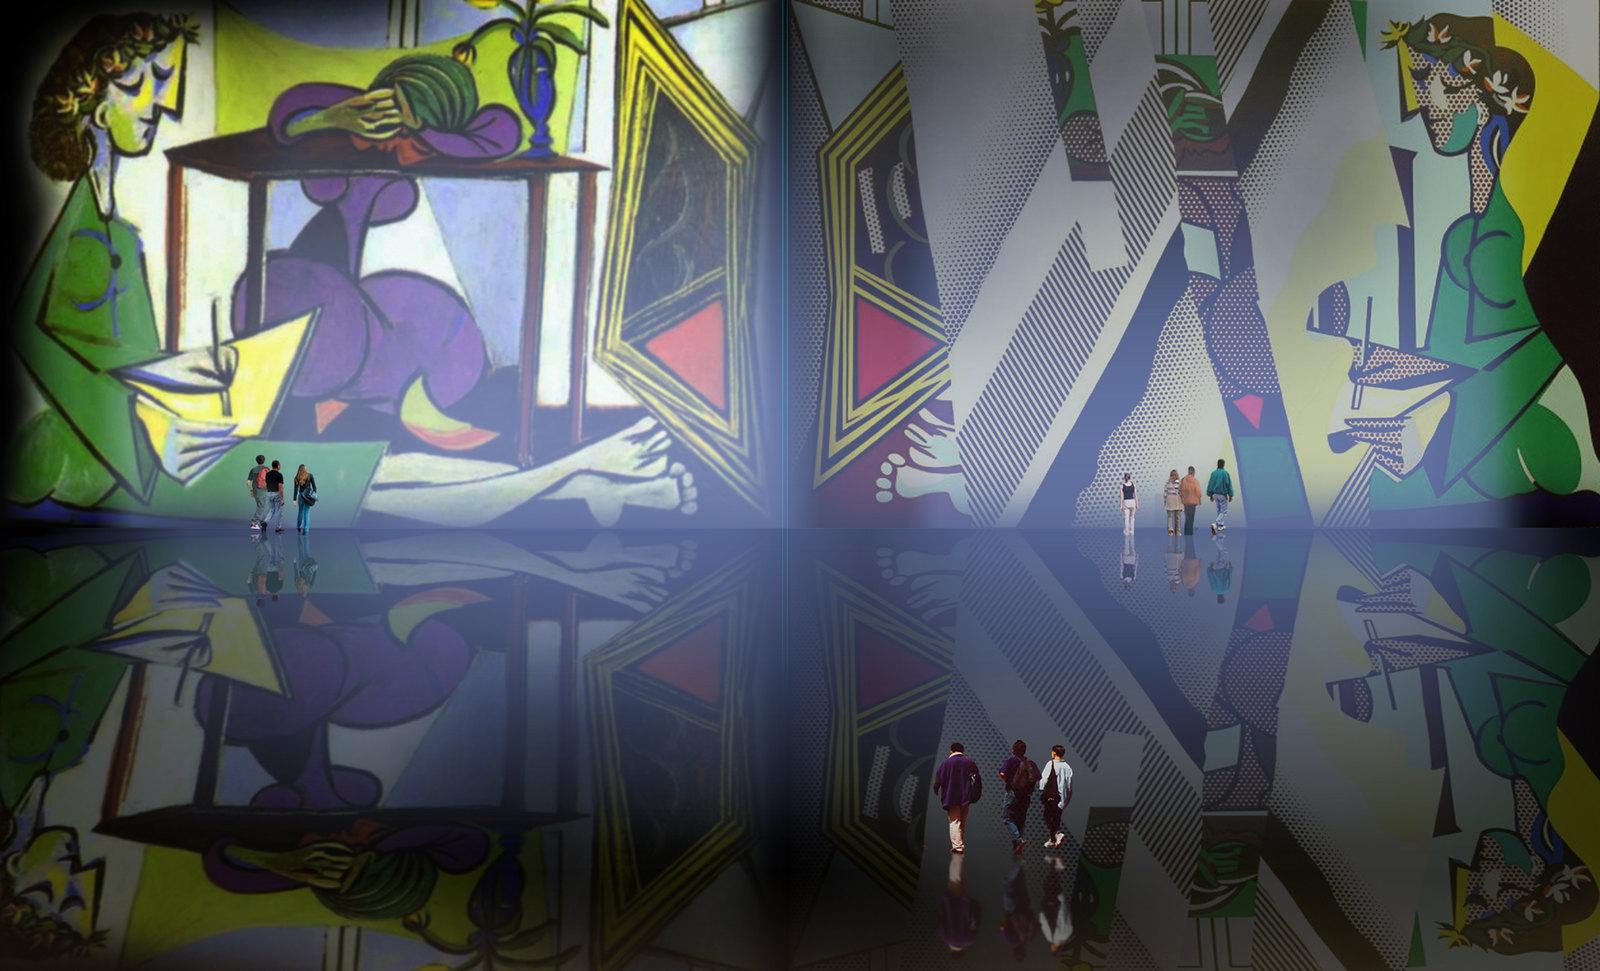 Dibujando el Espejo, relato de Pablo Picasso (1934), transfiguración de Roy Lichtenstein (1990).